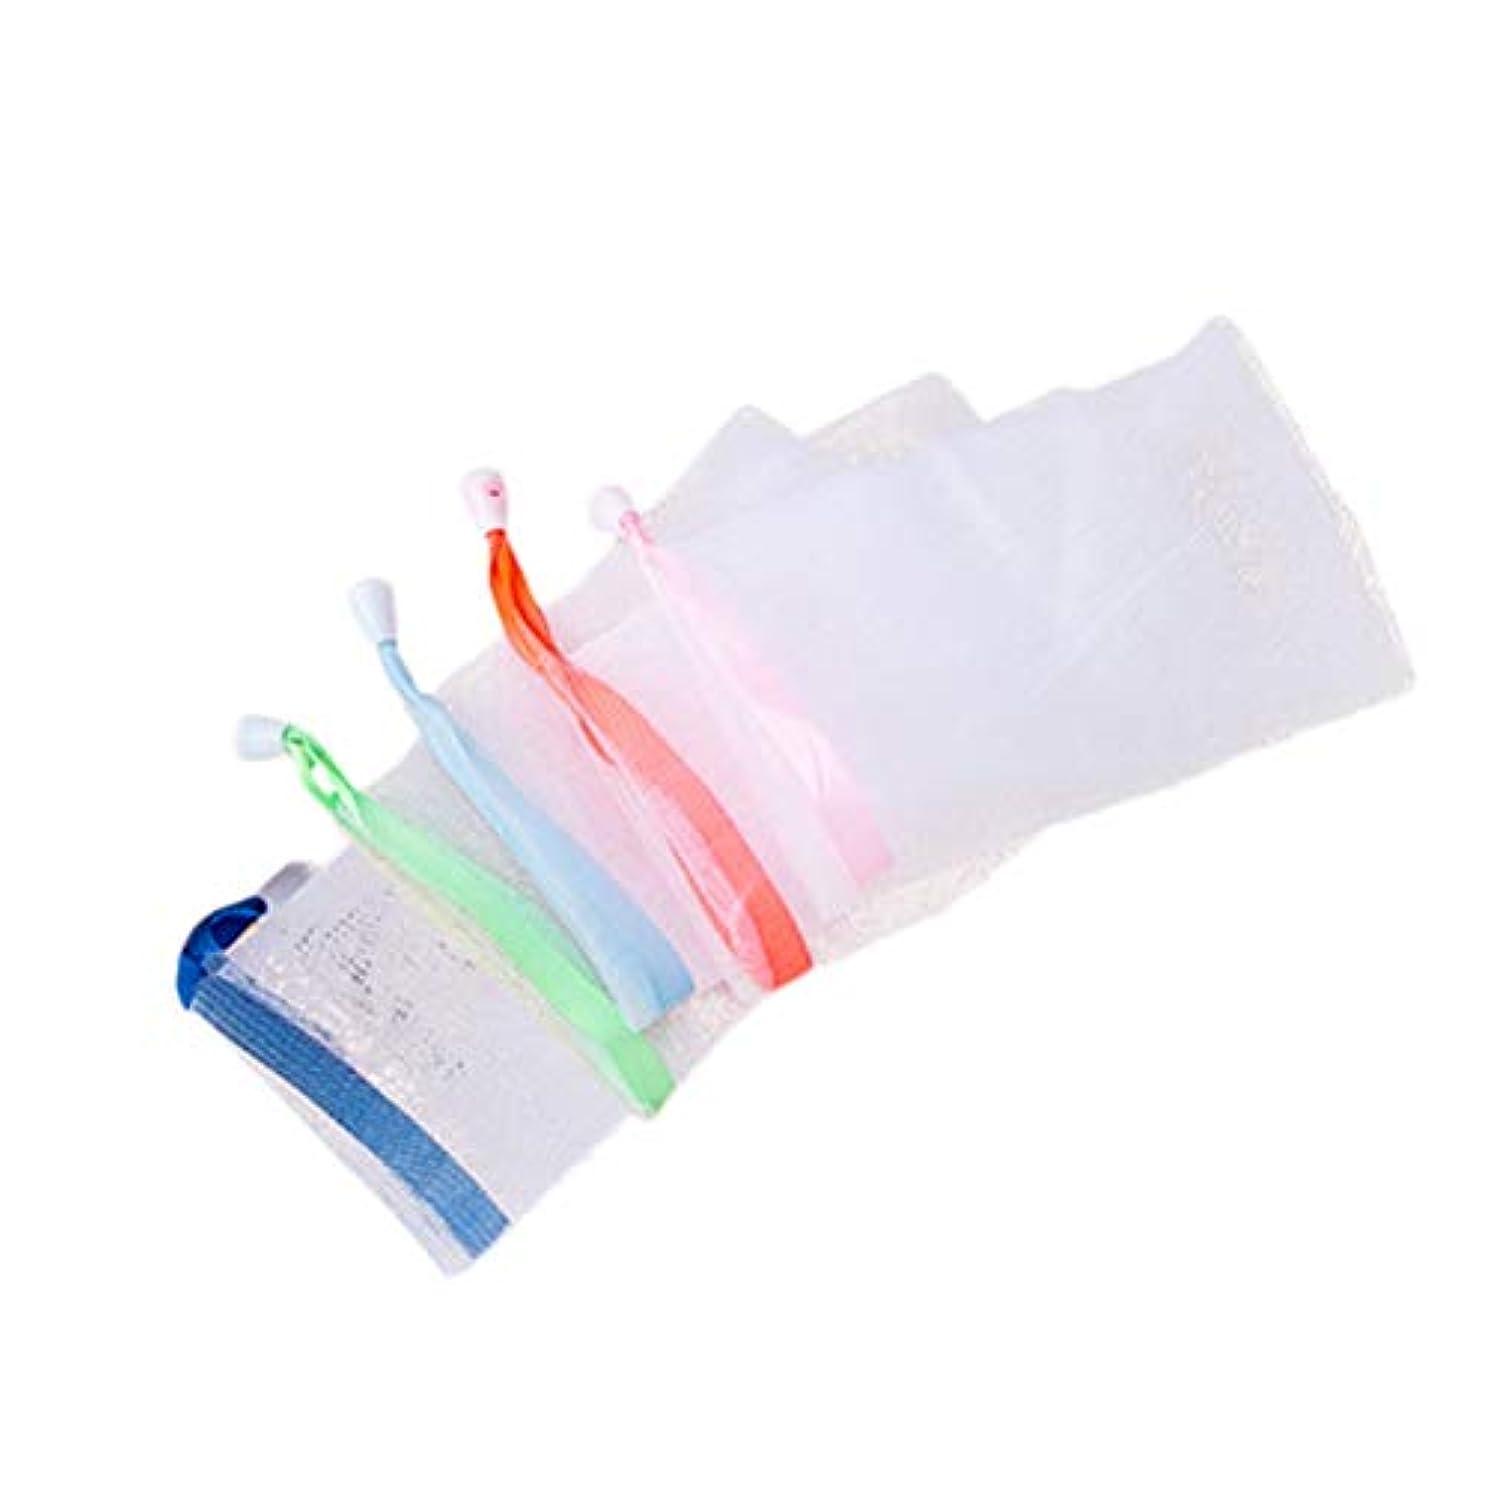 告白する天使信頼性HEALIFTY 9pcsを洗う表面のための多彩な石鹸袋の泡立つ純袋の石鹸の泡ネット袋